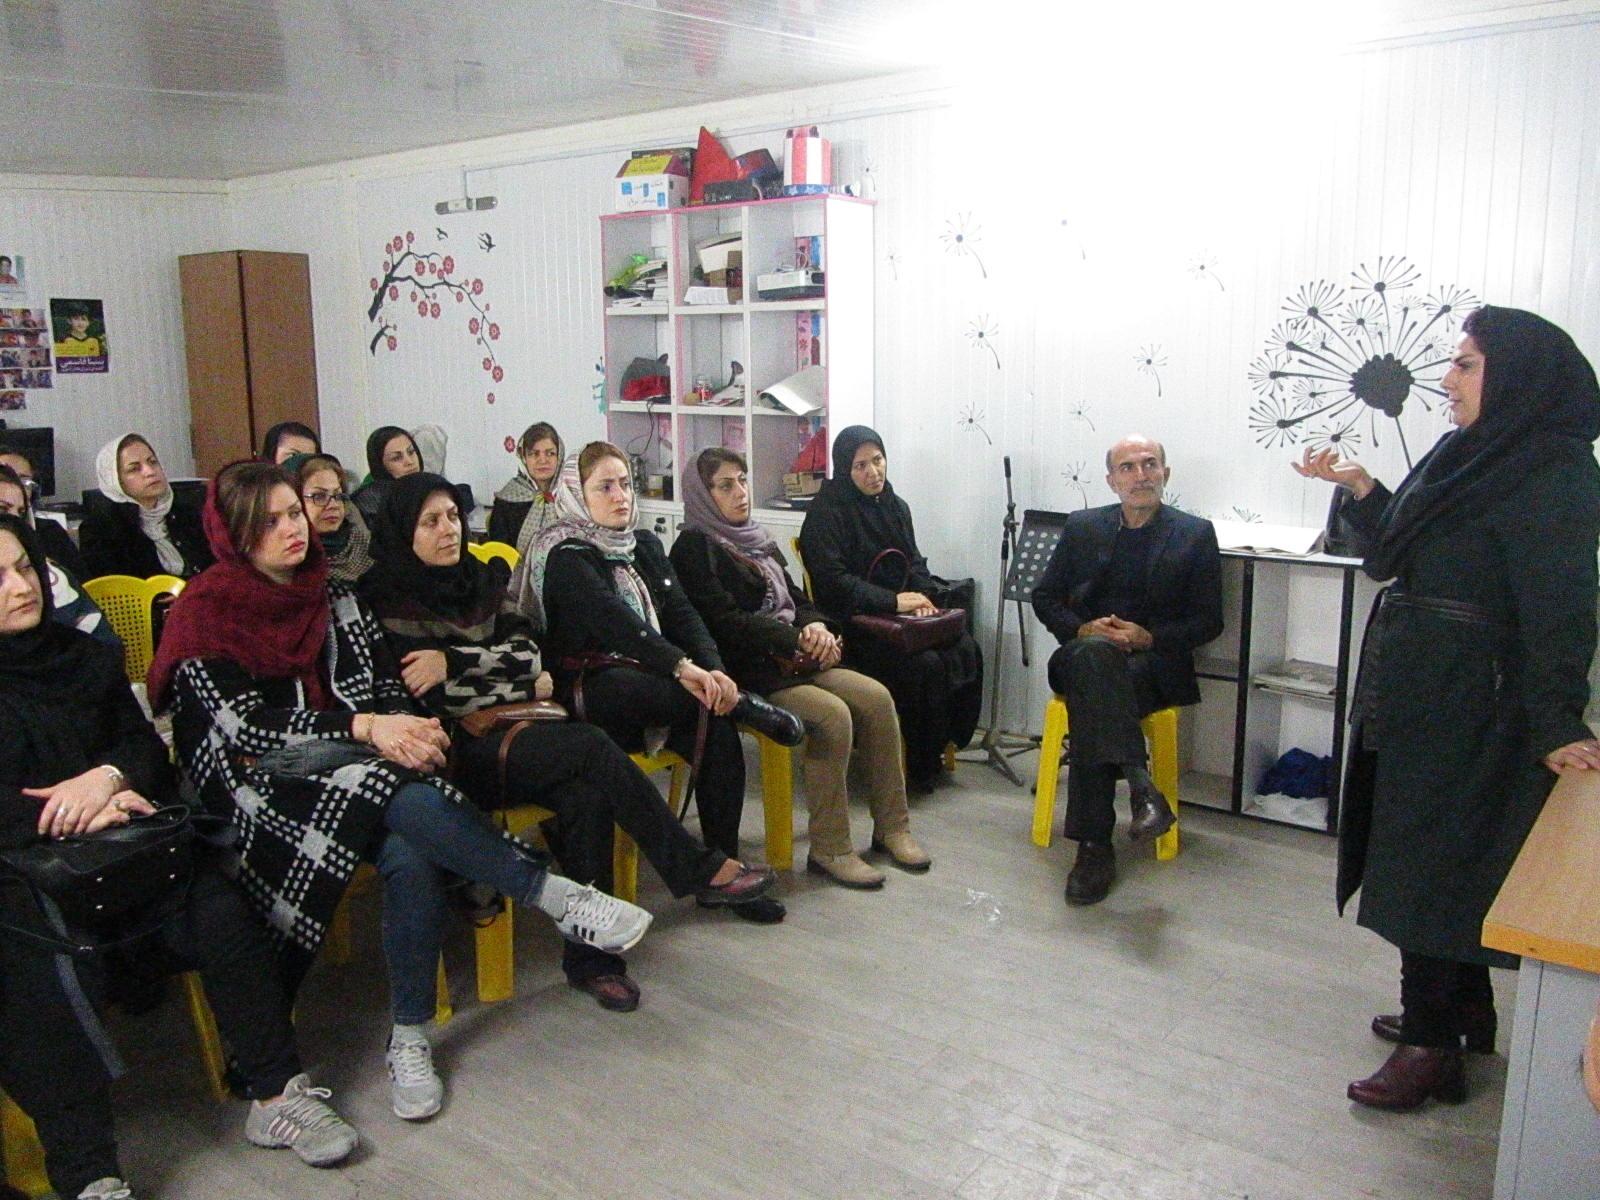 جلسه آموزشی با موضوع راهکارهای عملی افزایش تمرکز و توجه در دانش آموزان